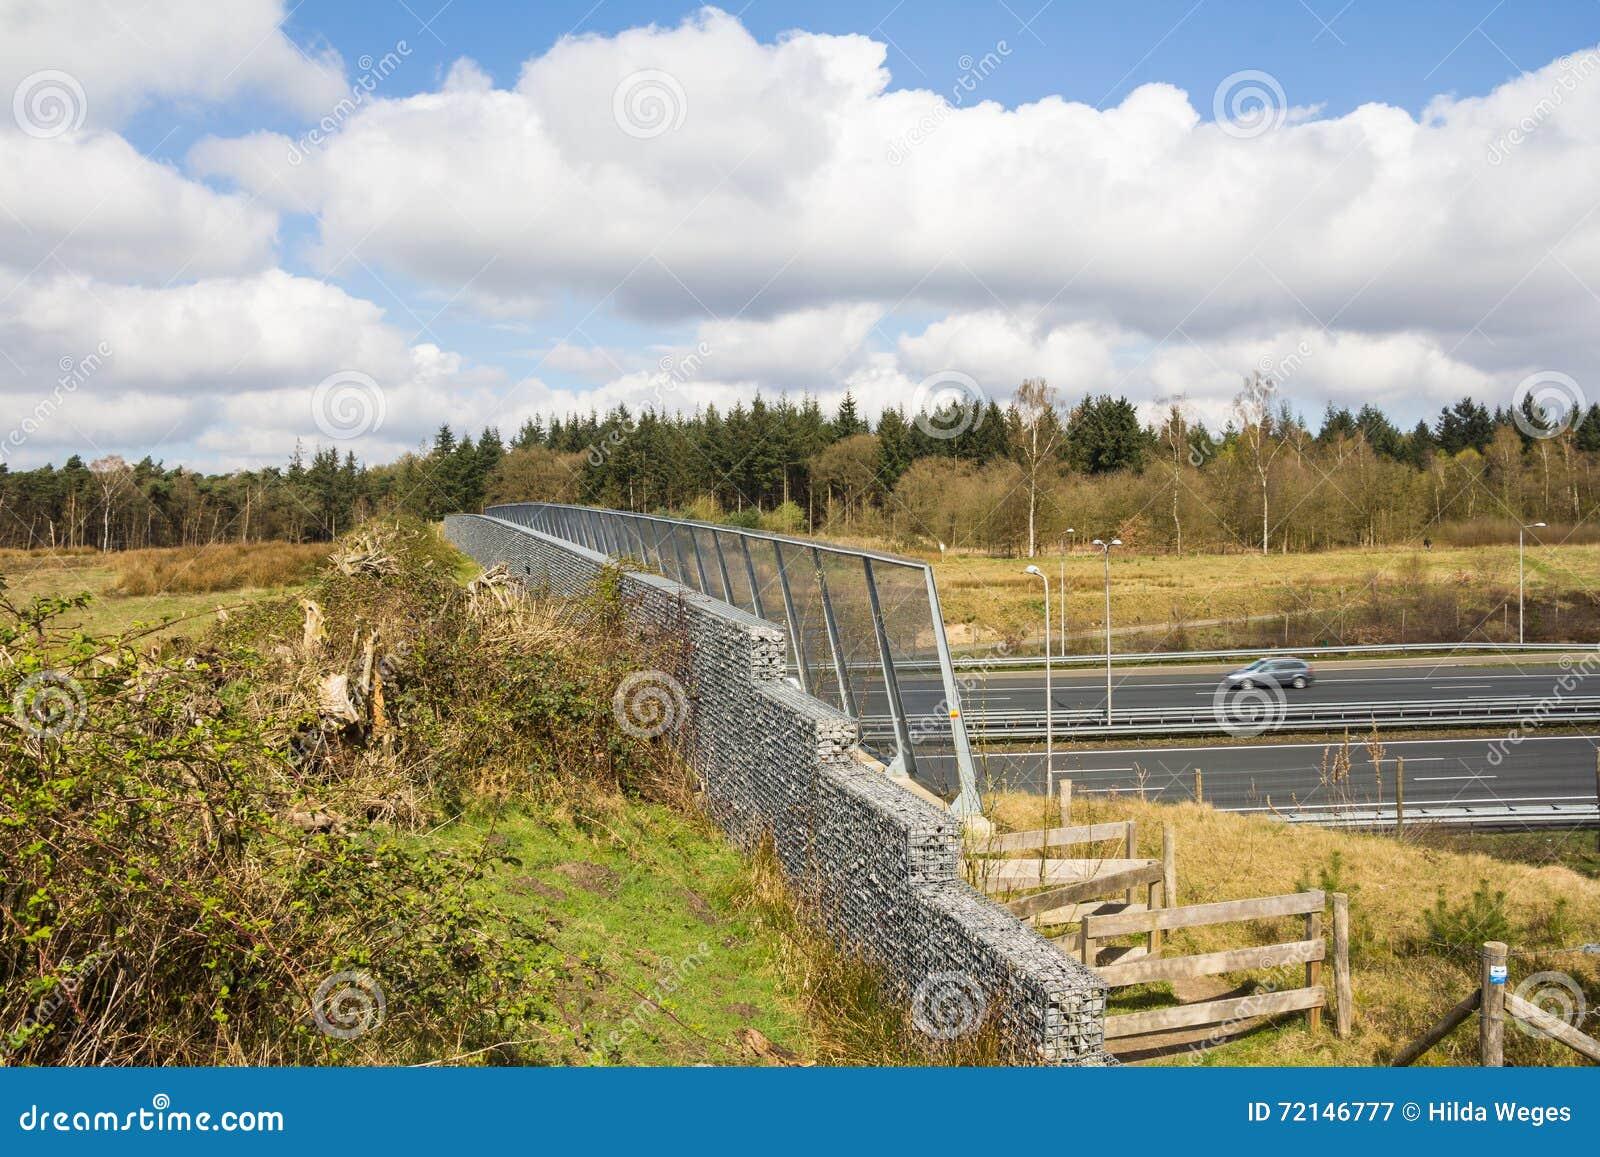 Widok zwierzęcia lub przyrody wiadukt krzyżuje autostradę w